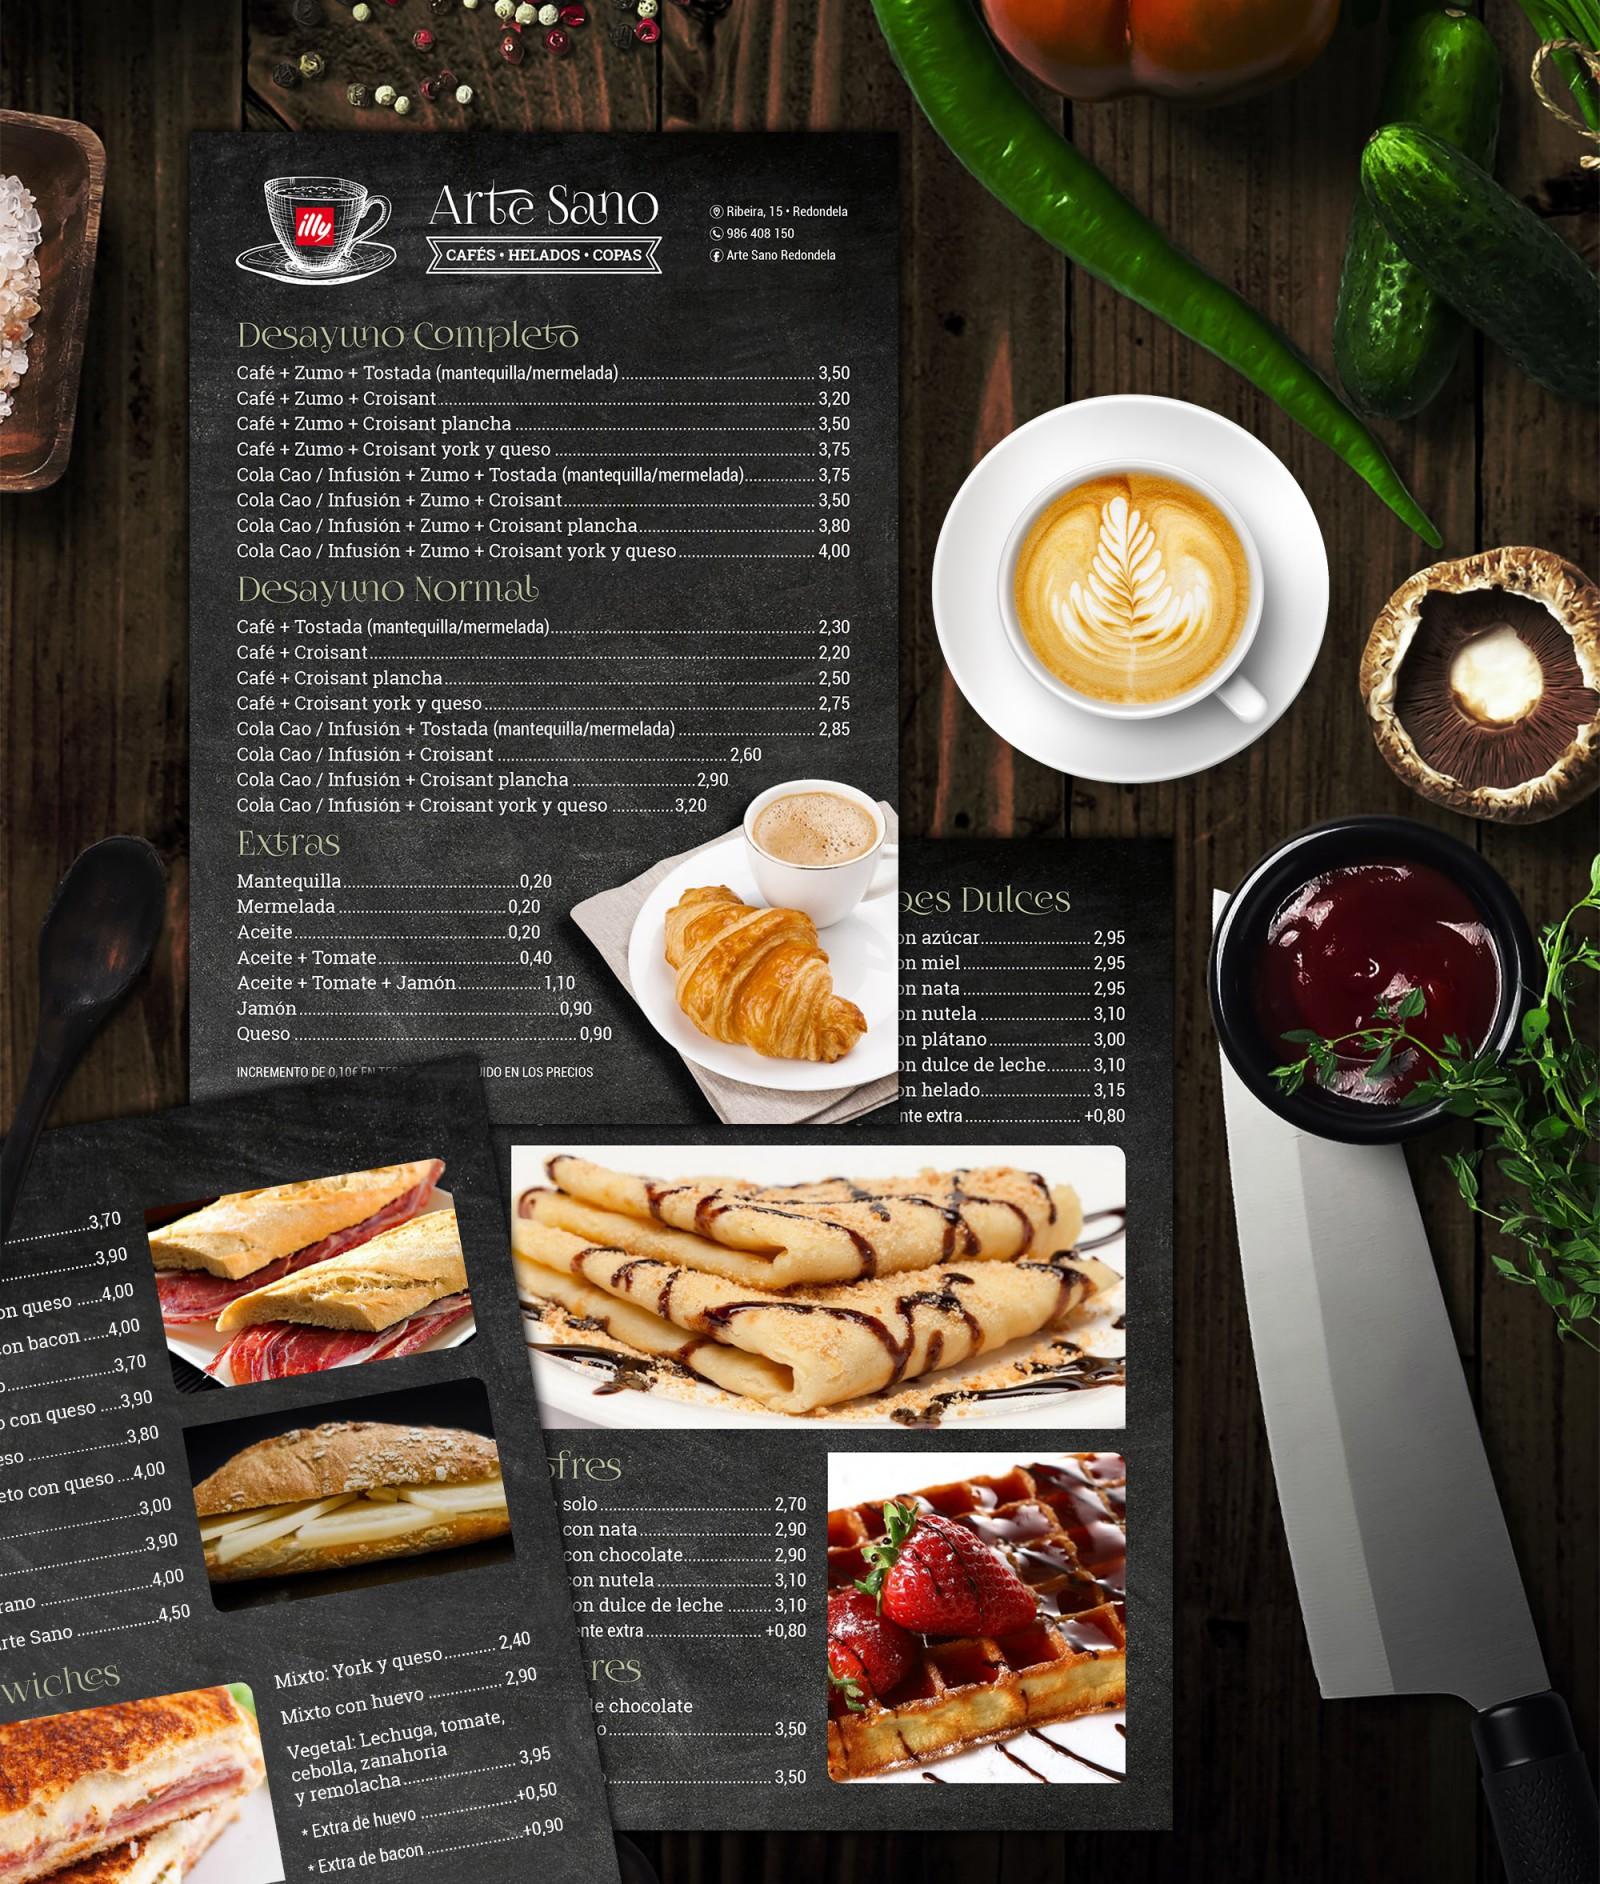 Arte Sano Diseño Publicidad Marketing Carta Menú Restaurante Cafetería Hostelería